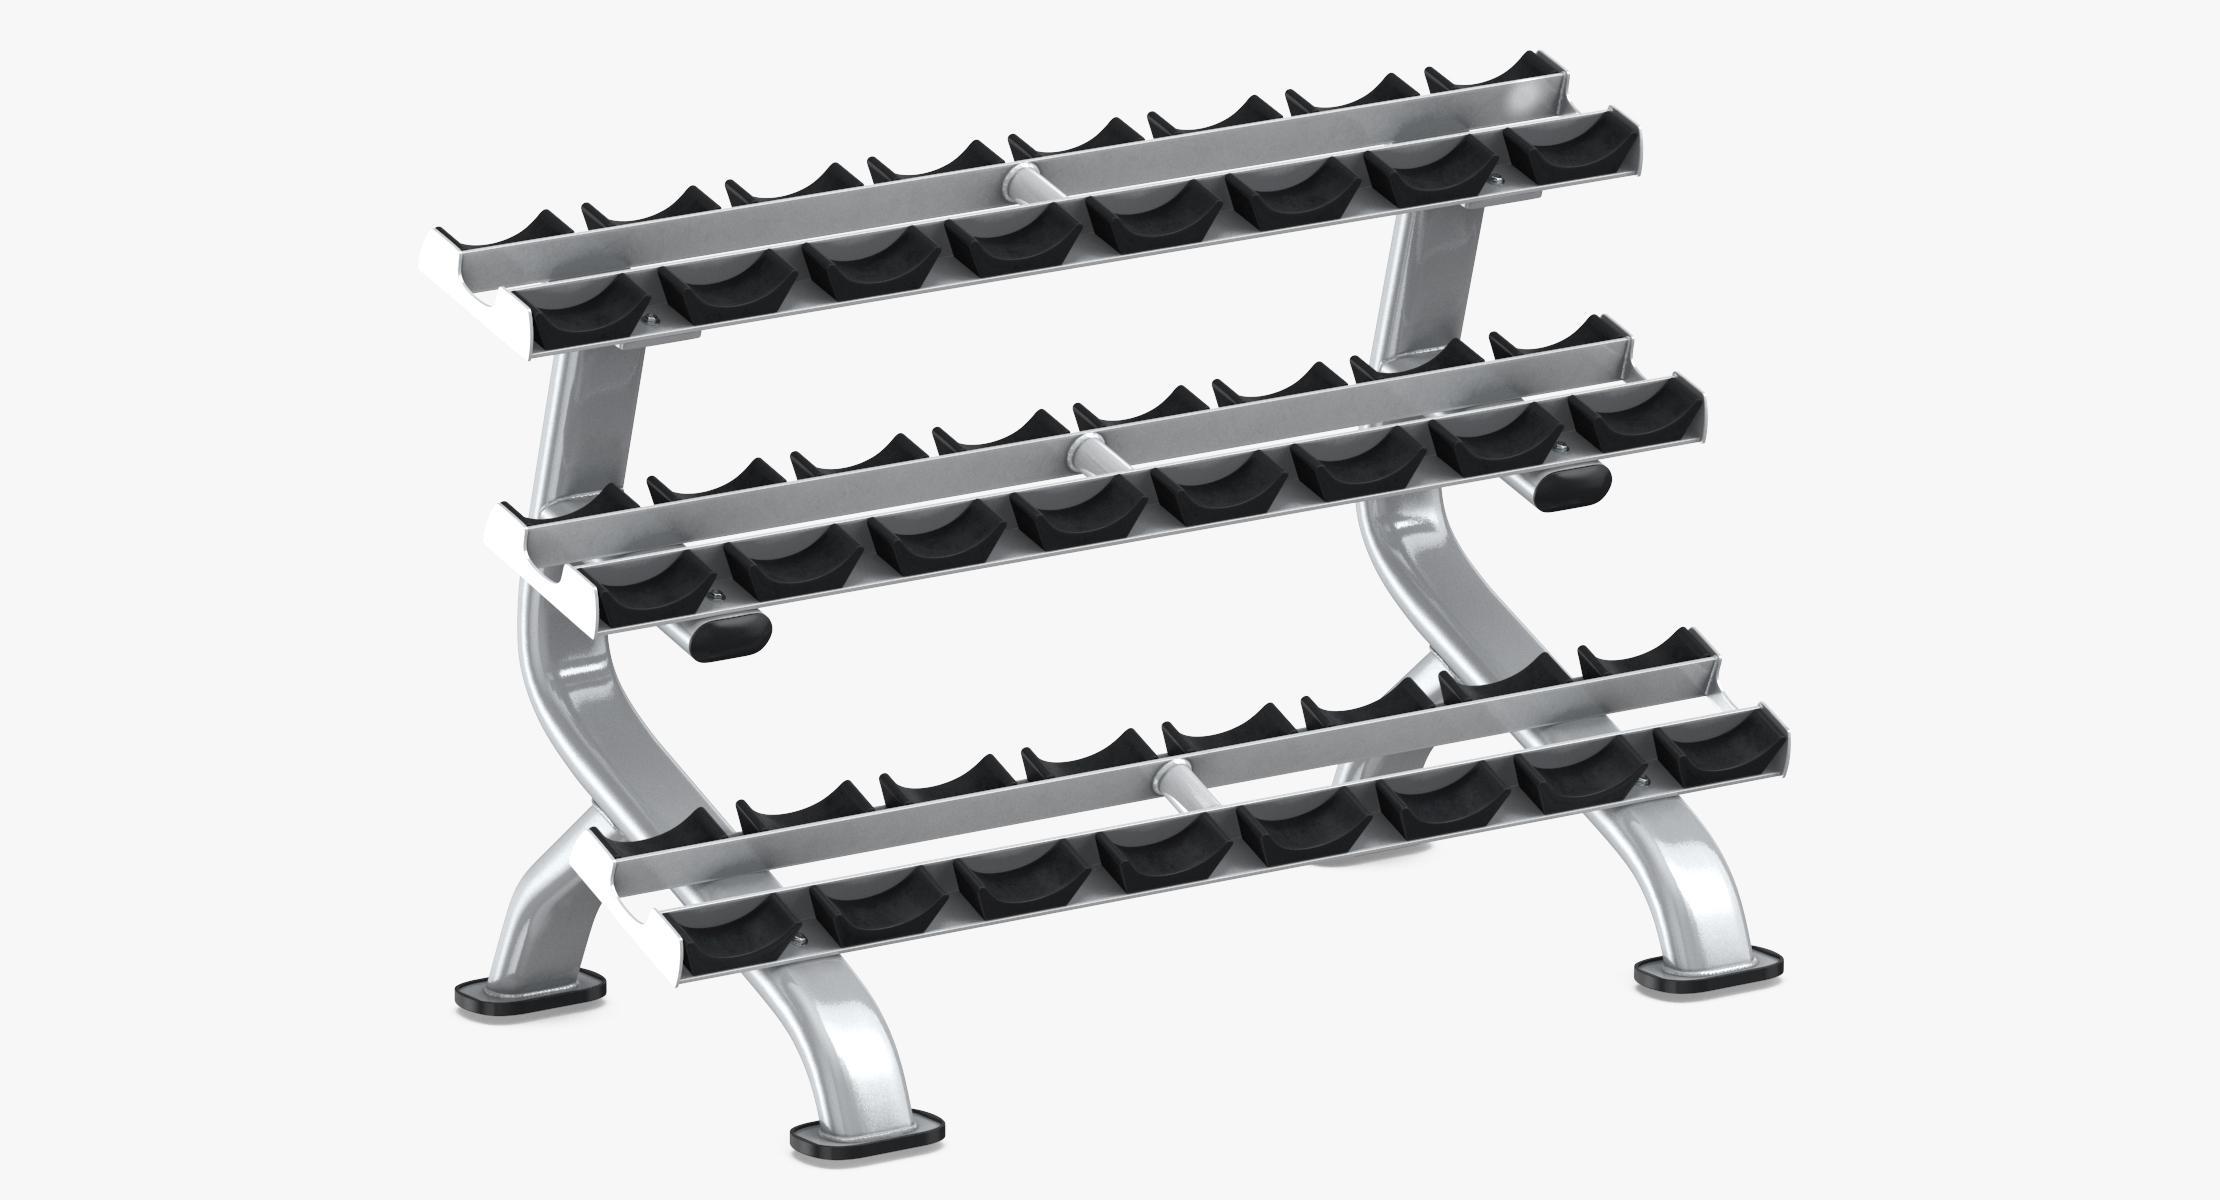 Dumbbell Rack 01 - reel 1